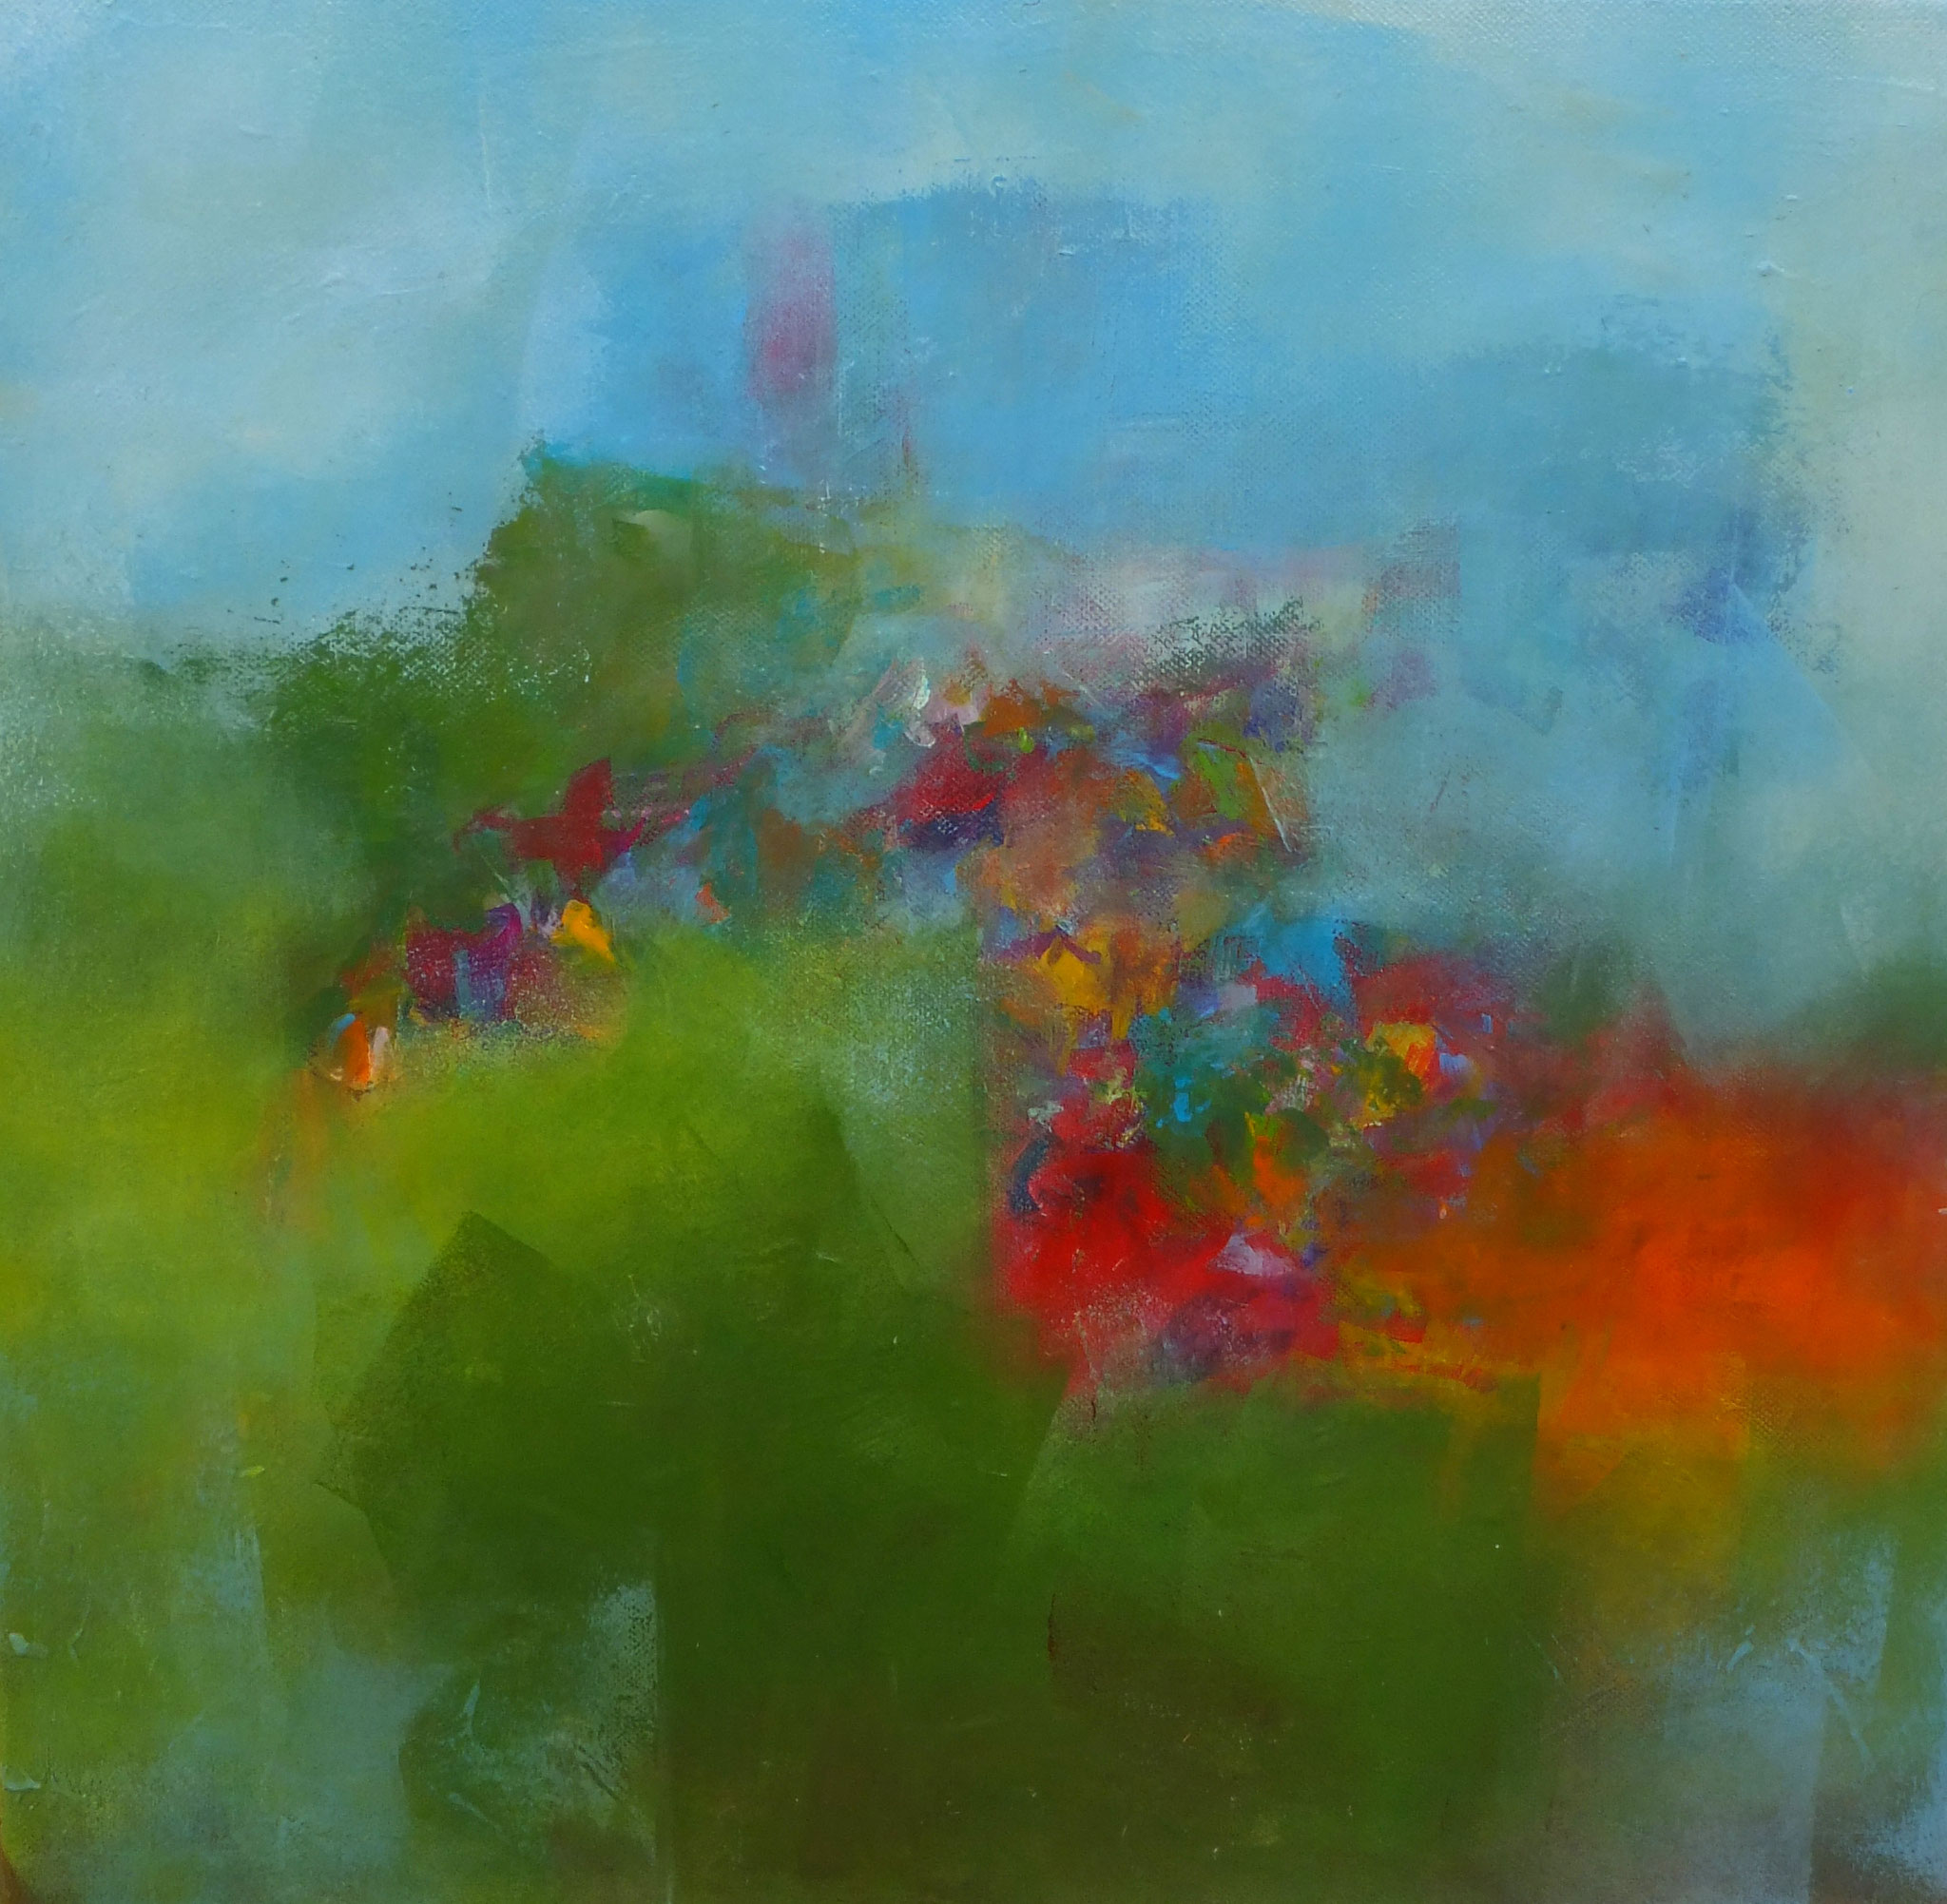 Bildtitel: Sommerfrische - Sommer 40 x 40 cm Acryl auf Leinwand  (Vier Jahreszeiten)